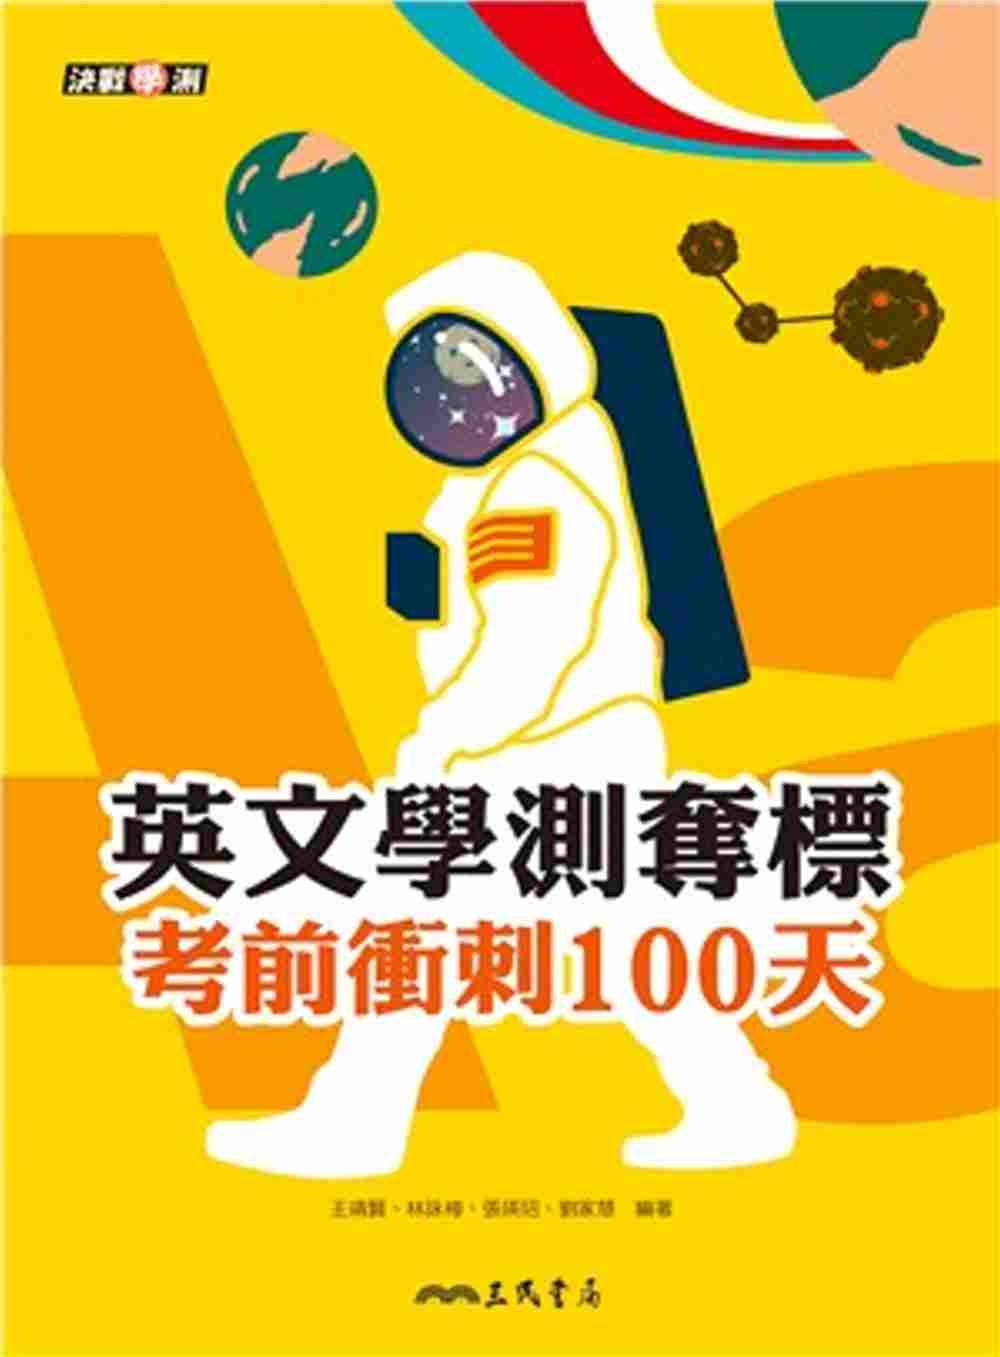 《英文學測奪標:考前衝刺100天(附活動夾冊)》 商品條碼,ISBN:4712780658277